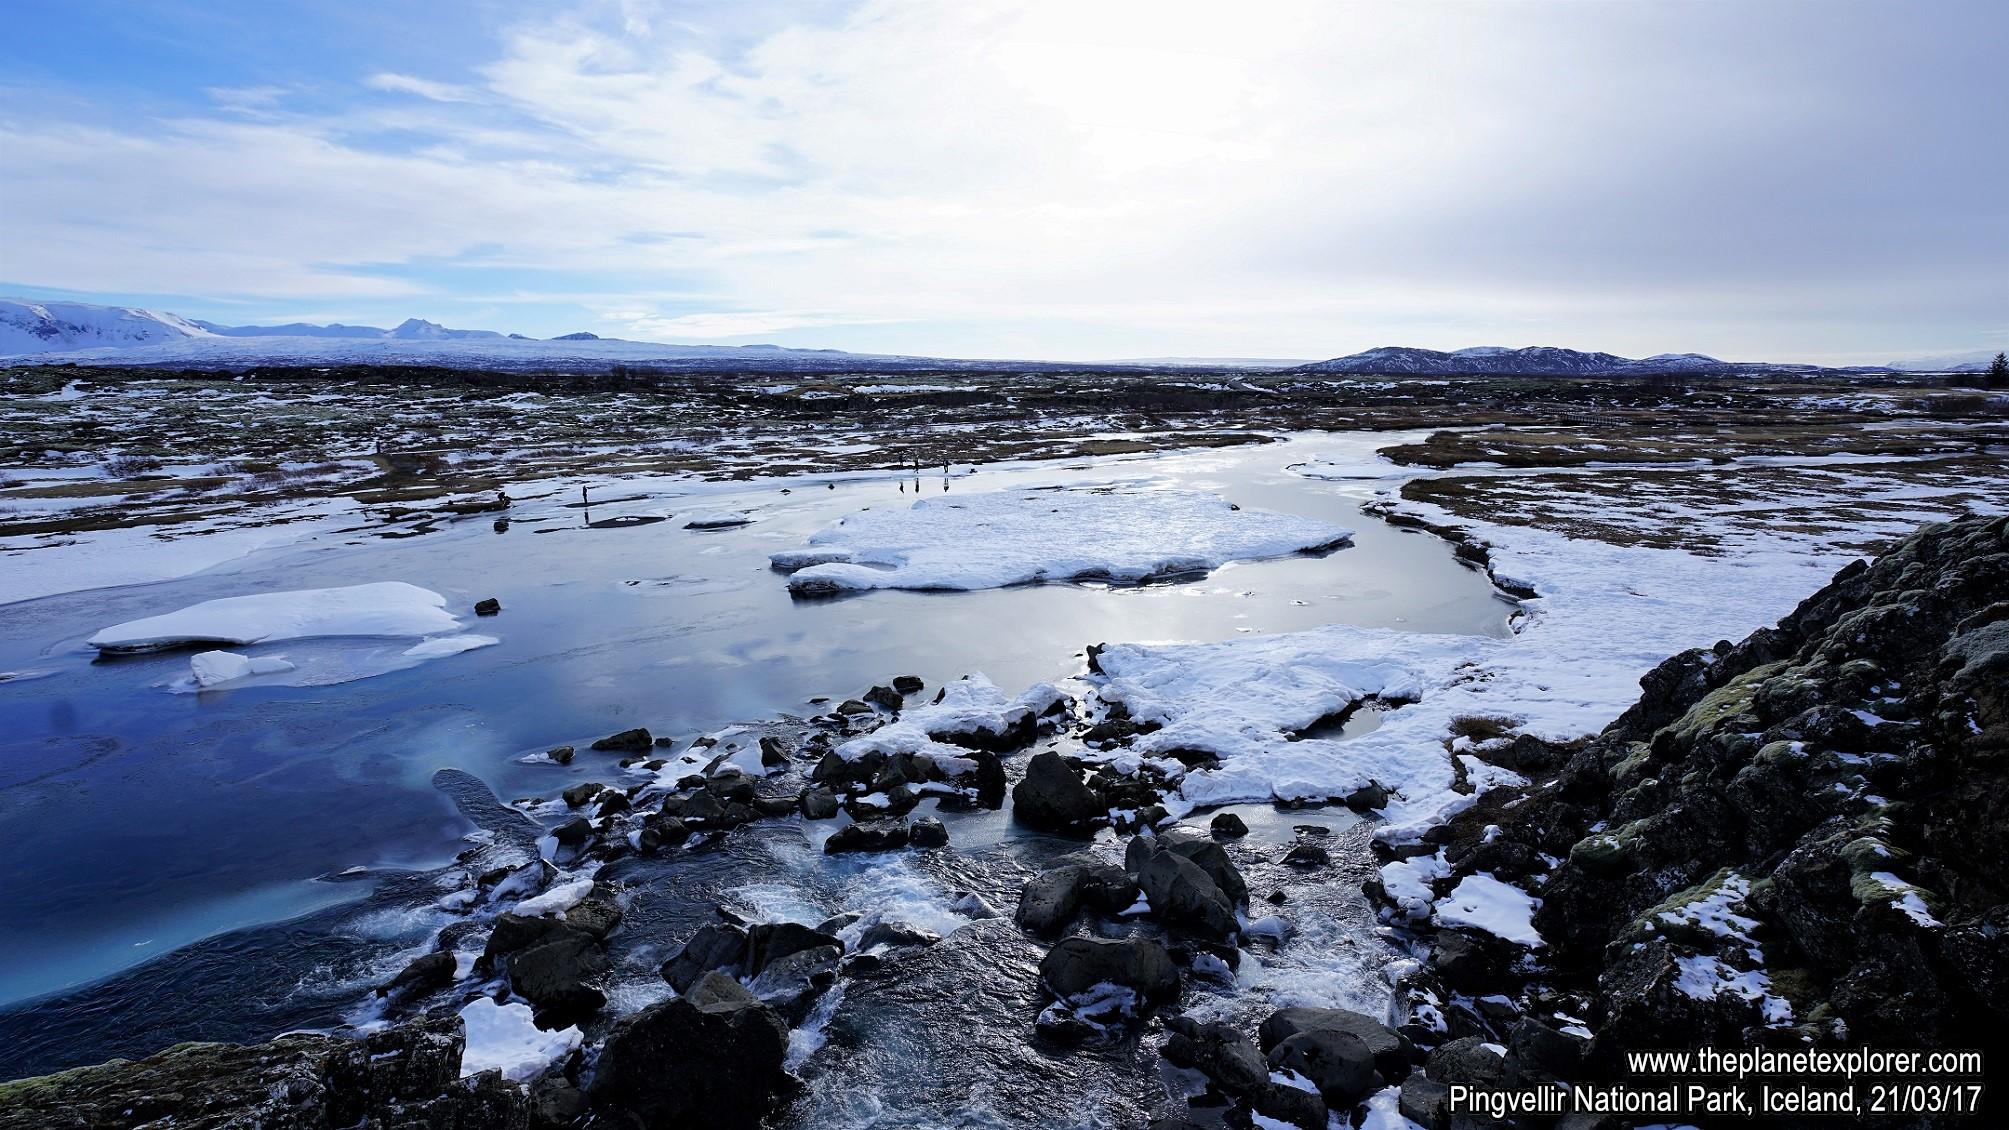 2017-03-21_1046_Iceland_Pingvellir National Park_DSC02163_s7R2_LR_@www